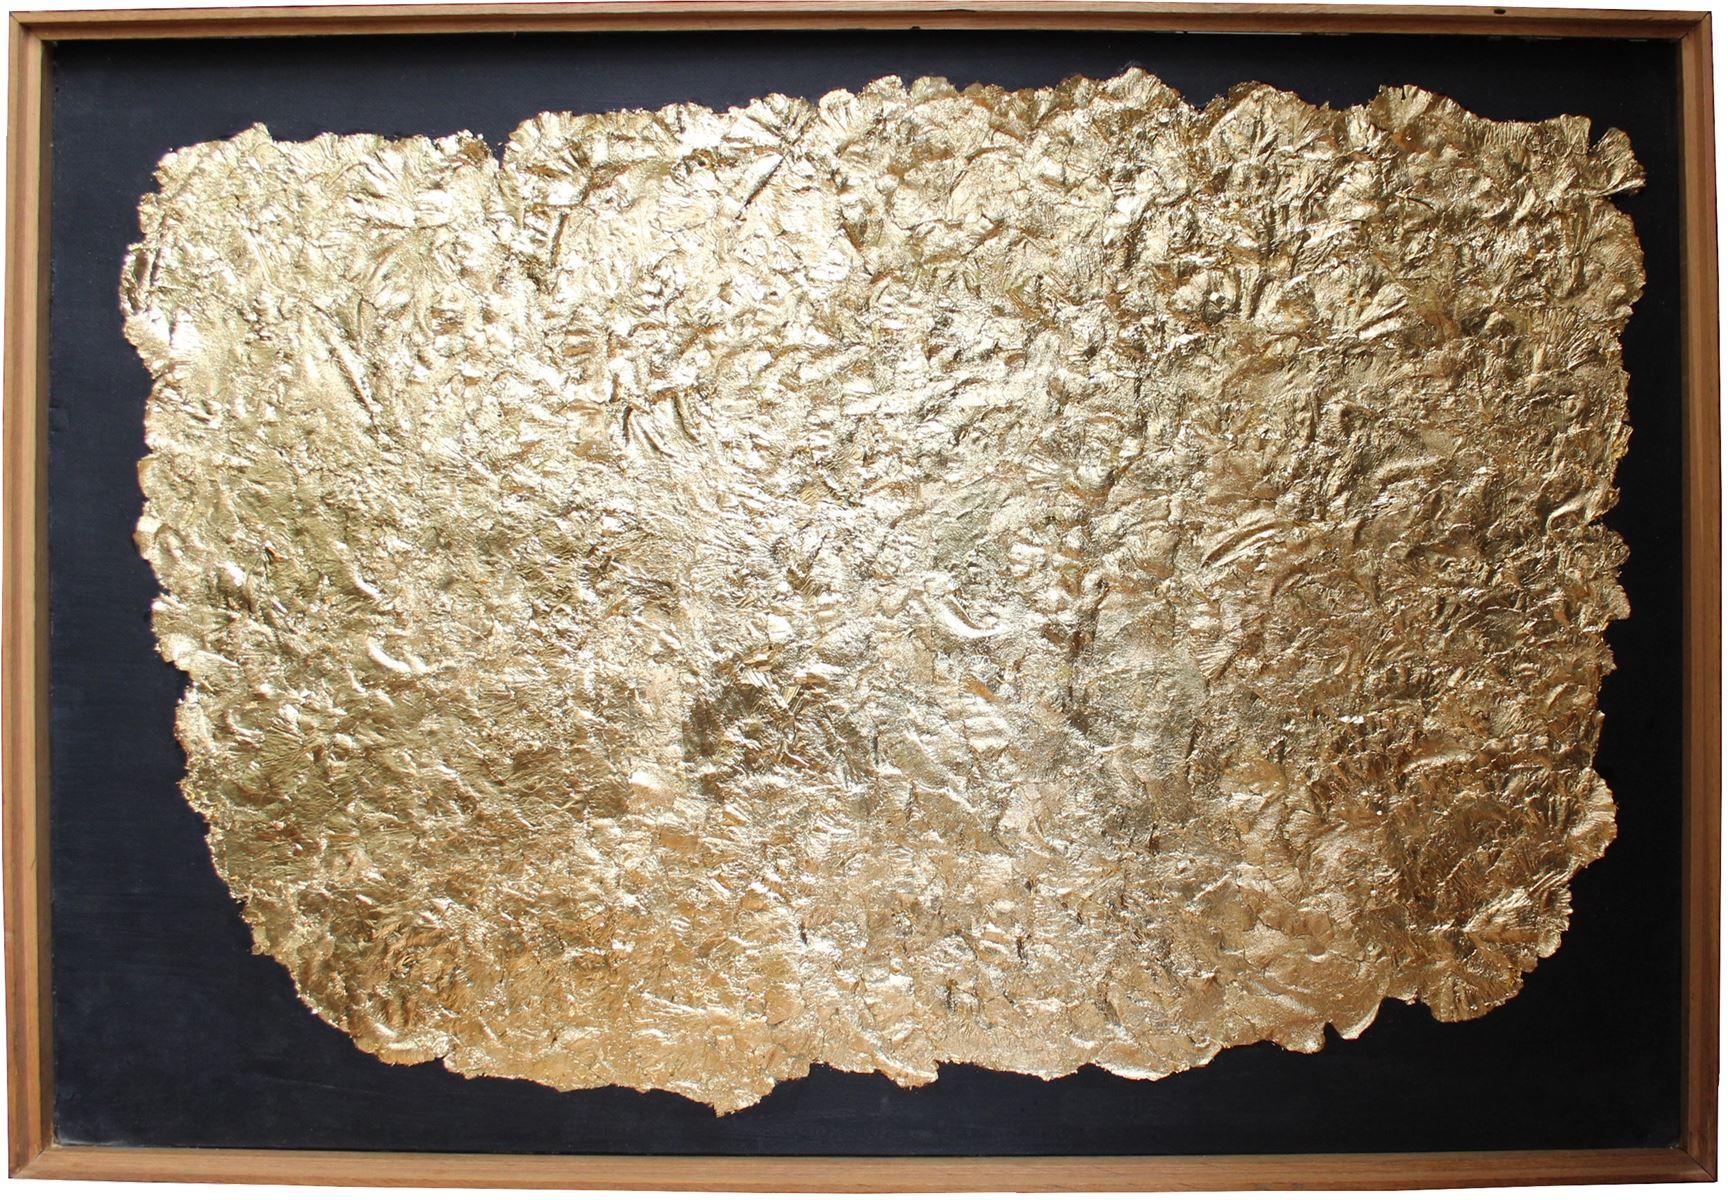 Cérémonie. Tehnică mixtă pe lemn. 85 x 124 cm